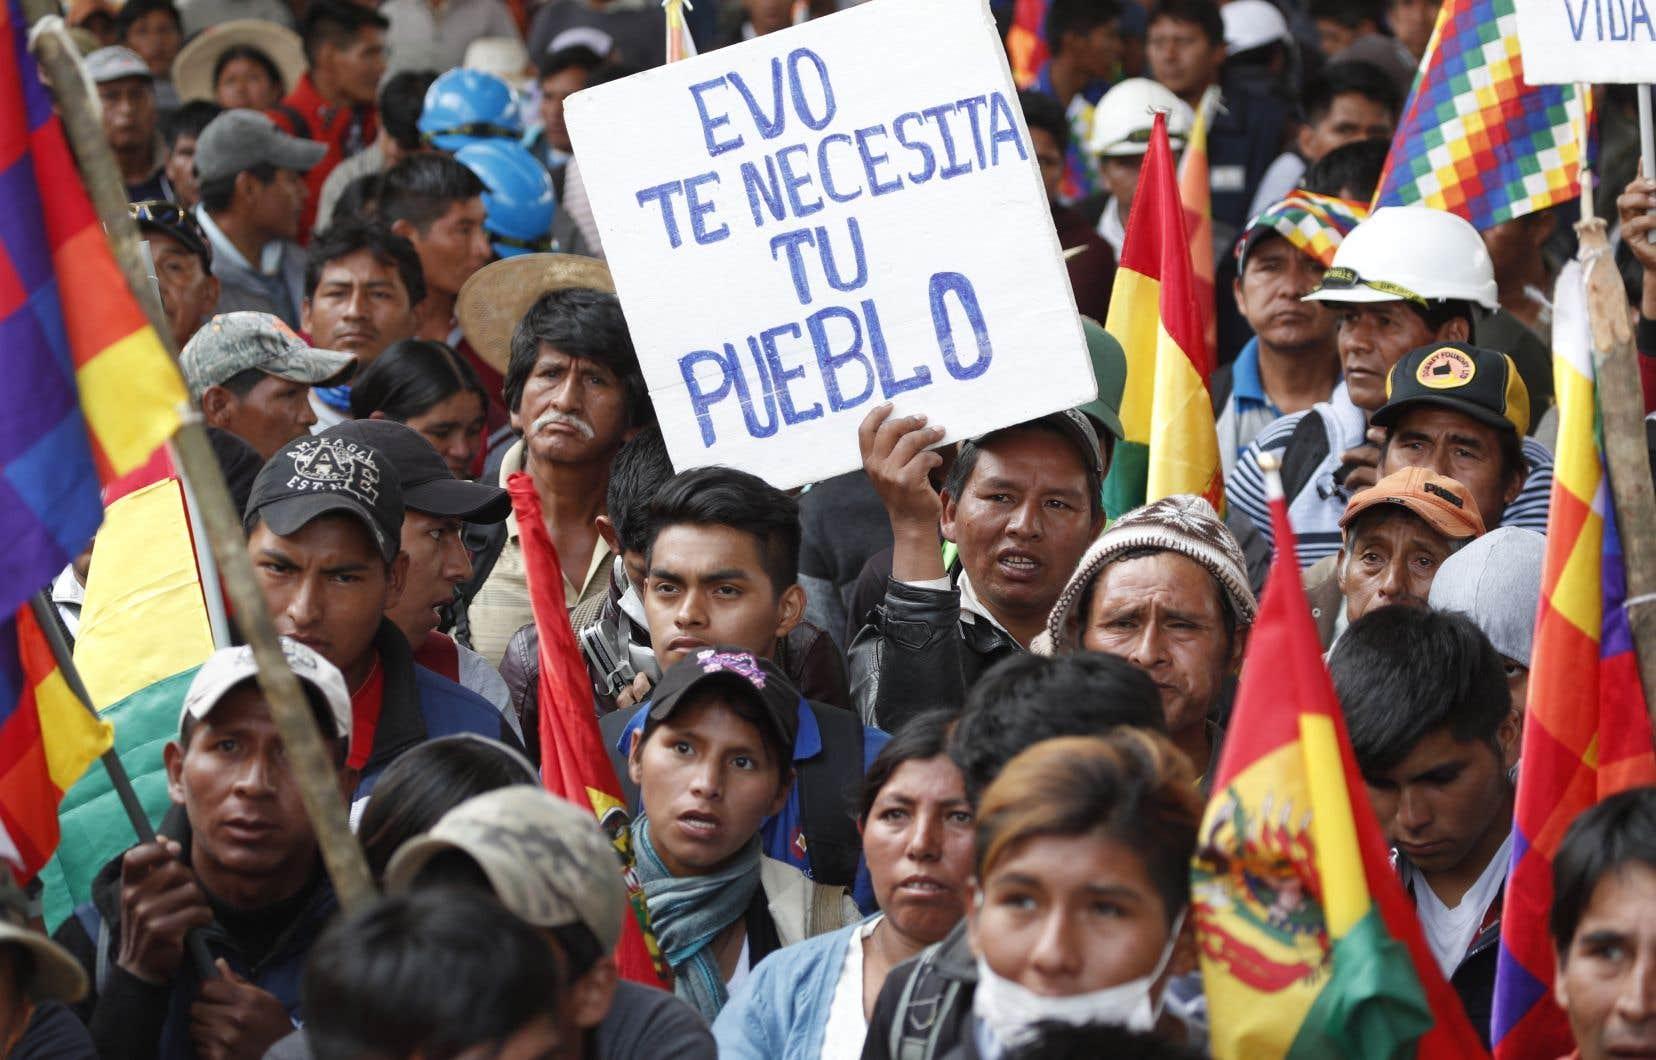 Des heurts émaillent les manifestations qu'organisent chaque jour les partisans d'Evo Morales.